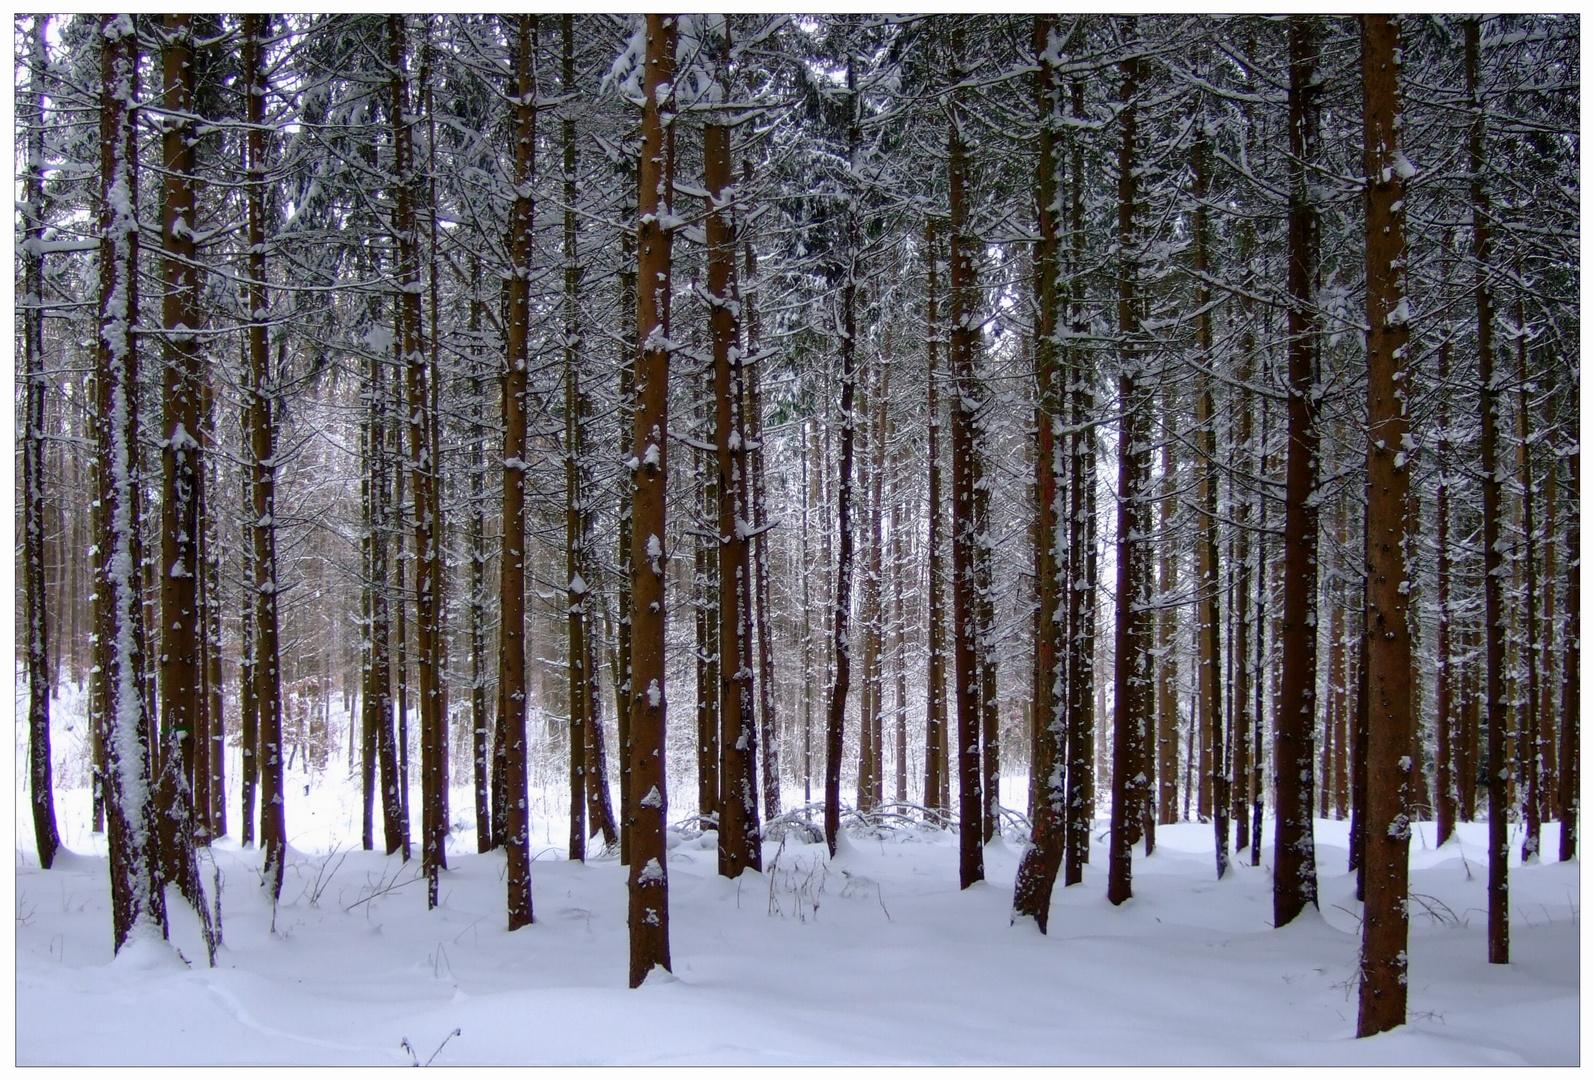 Invierno en el bosque (winterlicher Wald)